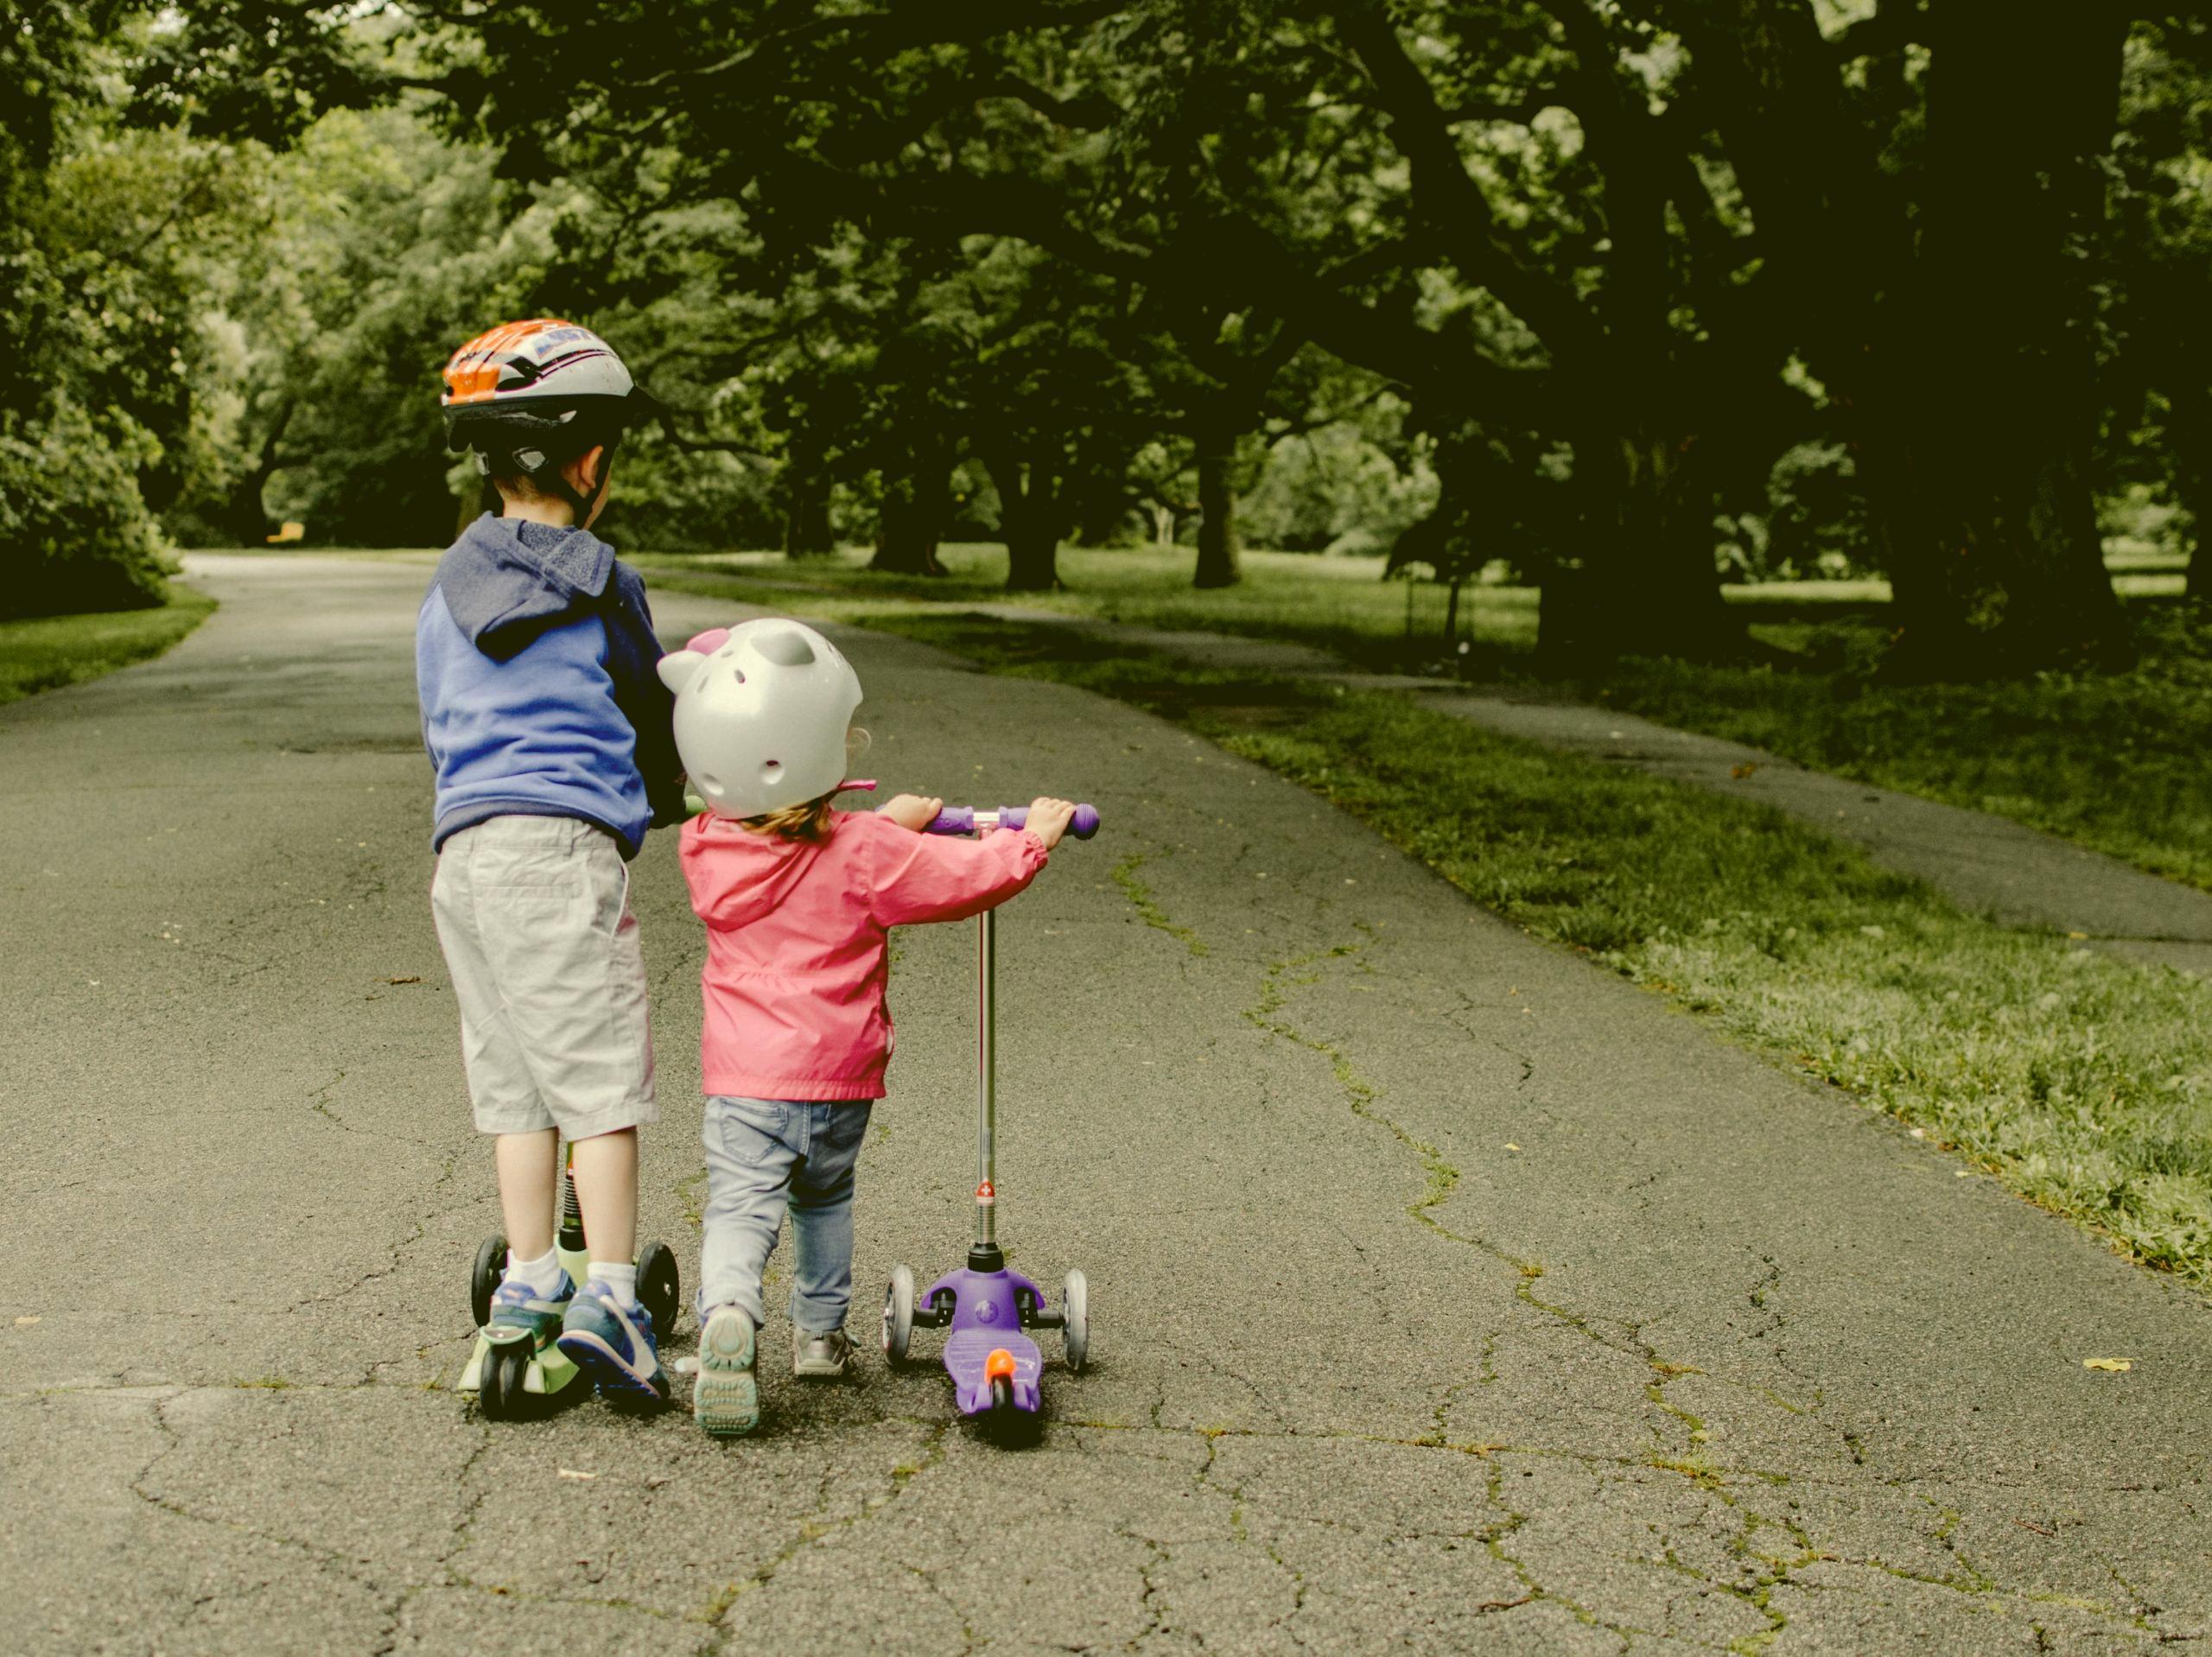 Ali znate otroku pravilno namestiti kolesarsko čelado?